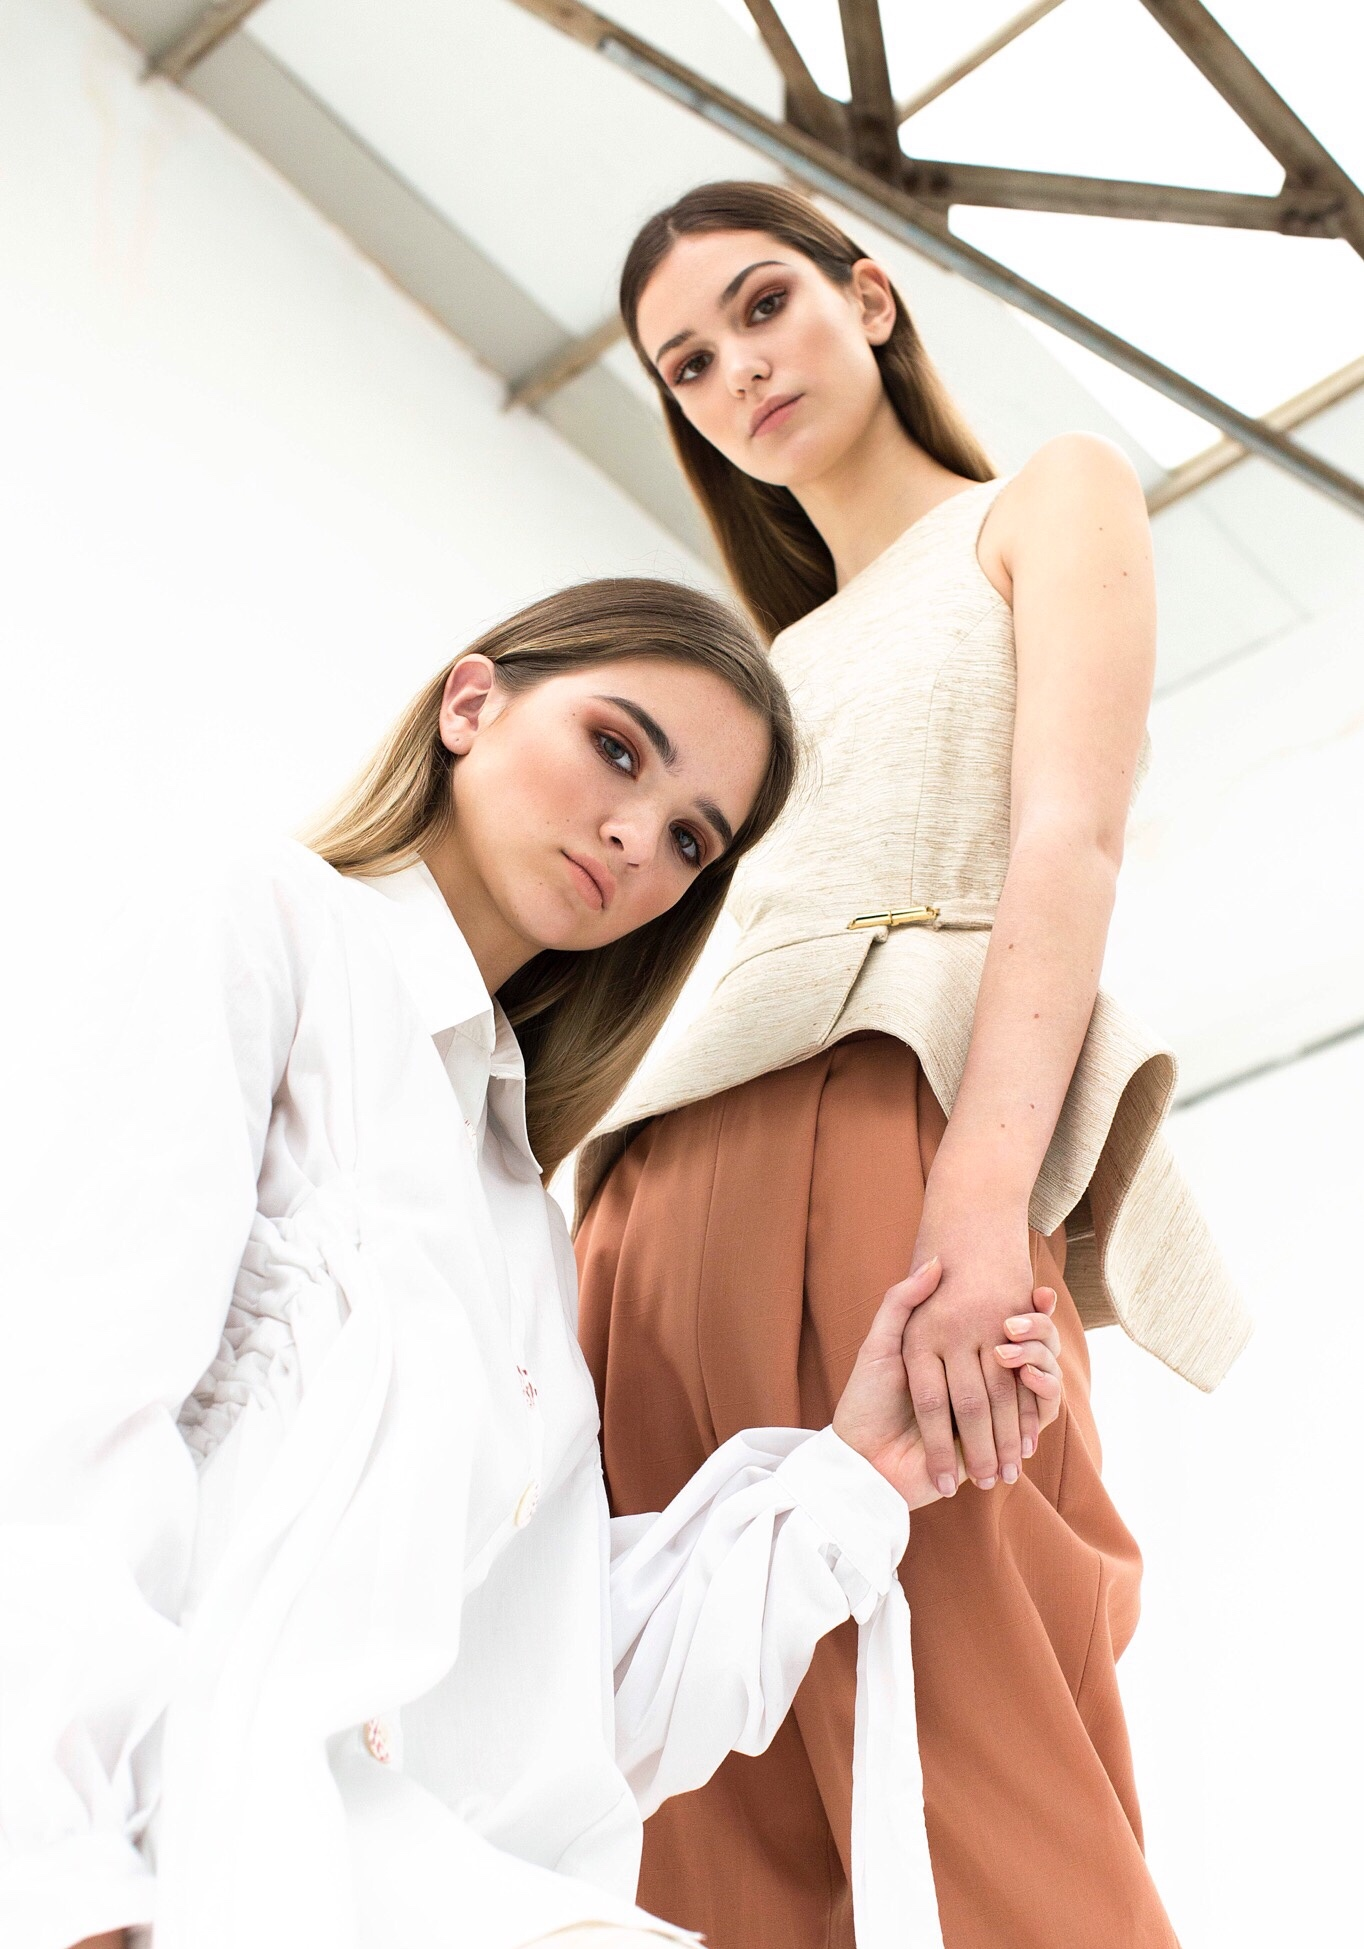 'Sisters in Focus'